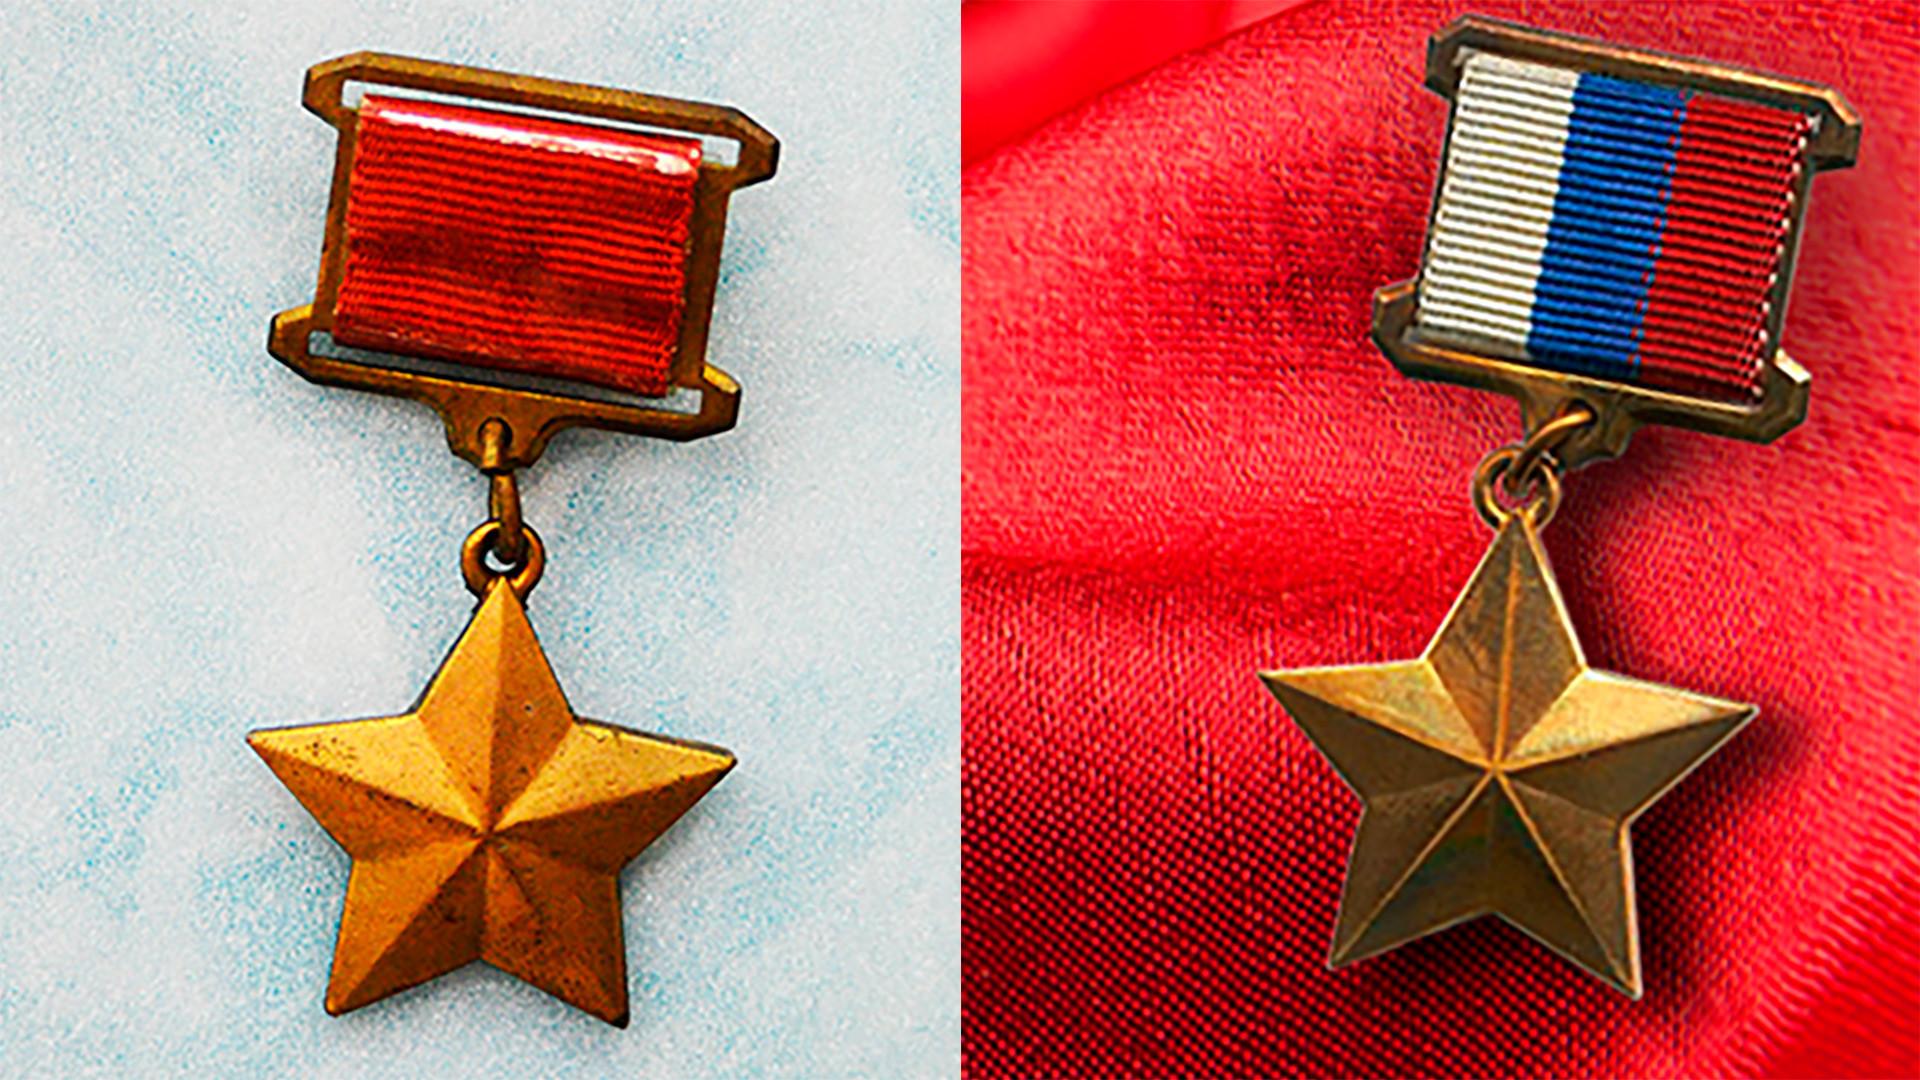 Estrellas de oro, la insignia del Héroe de la URRS y del Héroe de la Federación de Rusia.